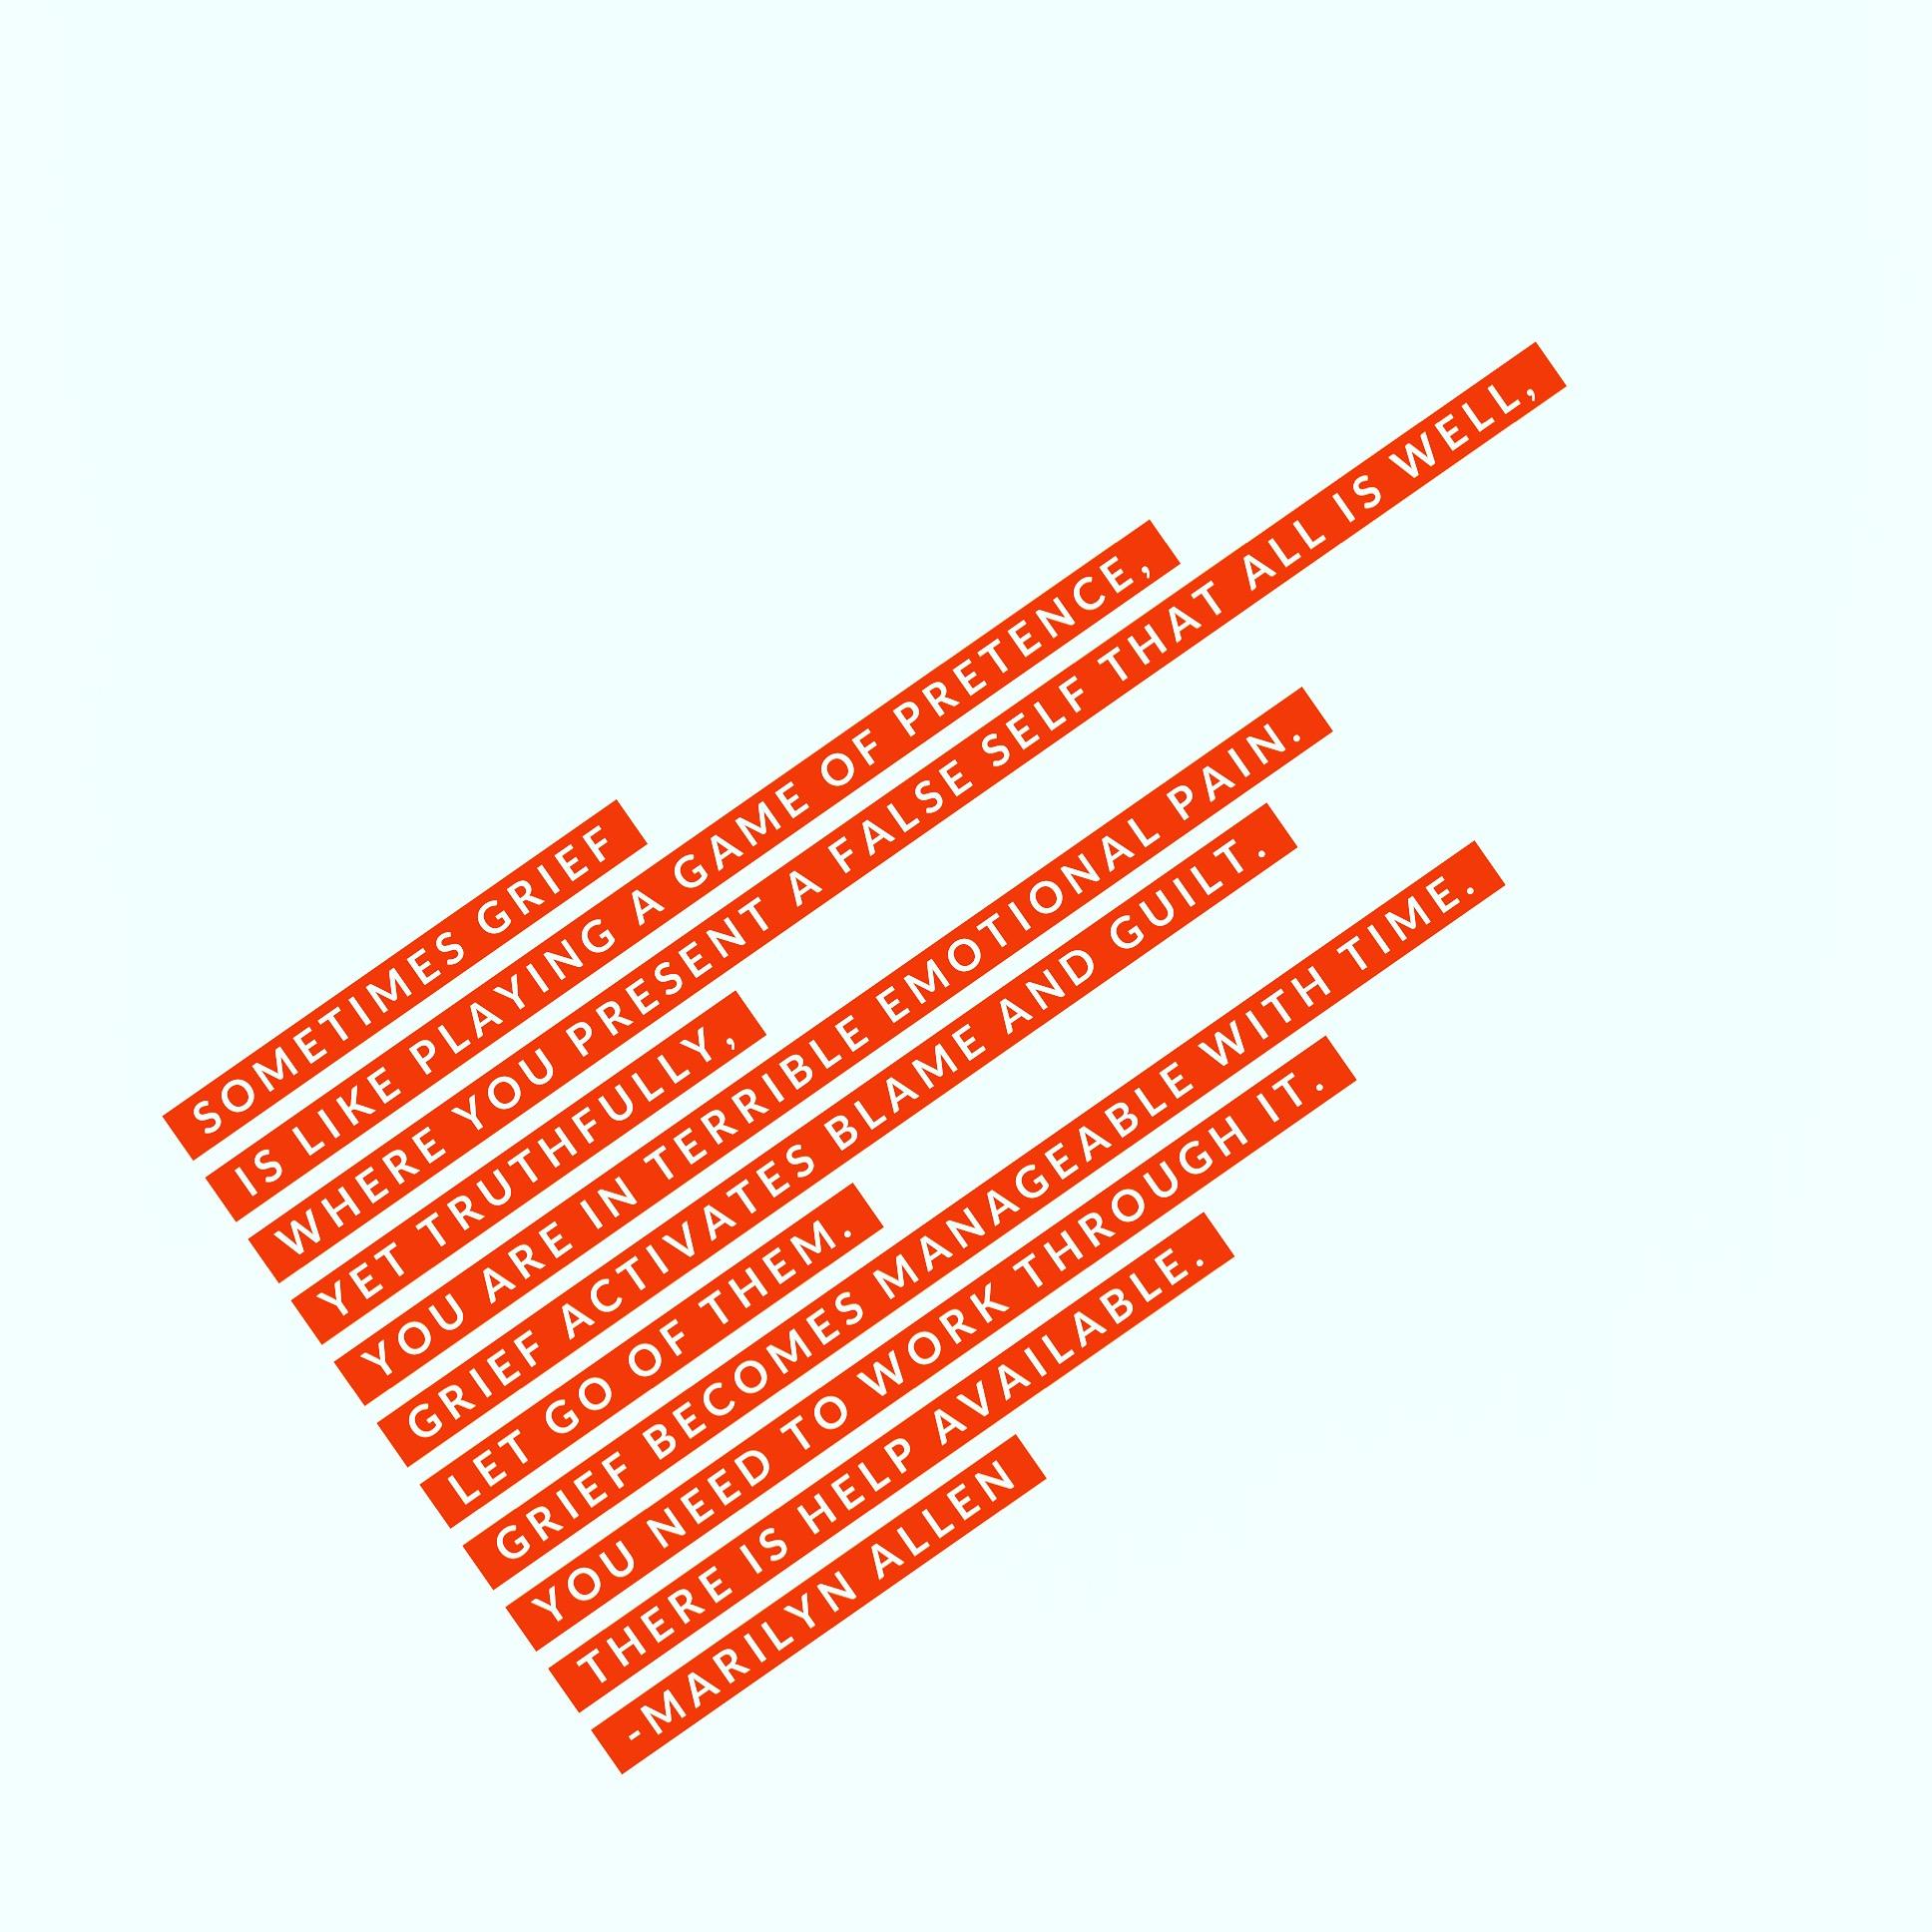 7569A687-F91E-4E1D-8288-EB3139BEA0B3.jpeg